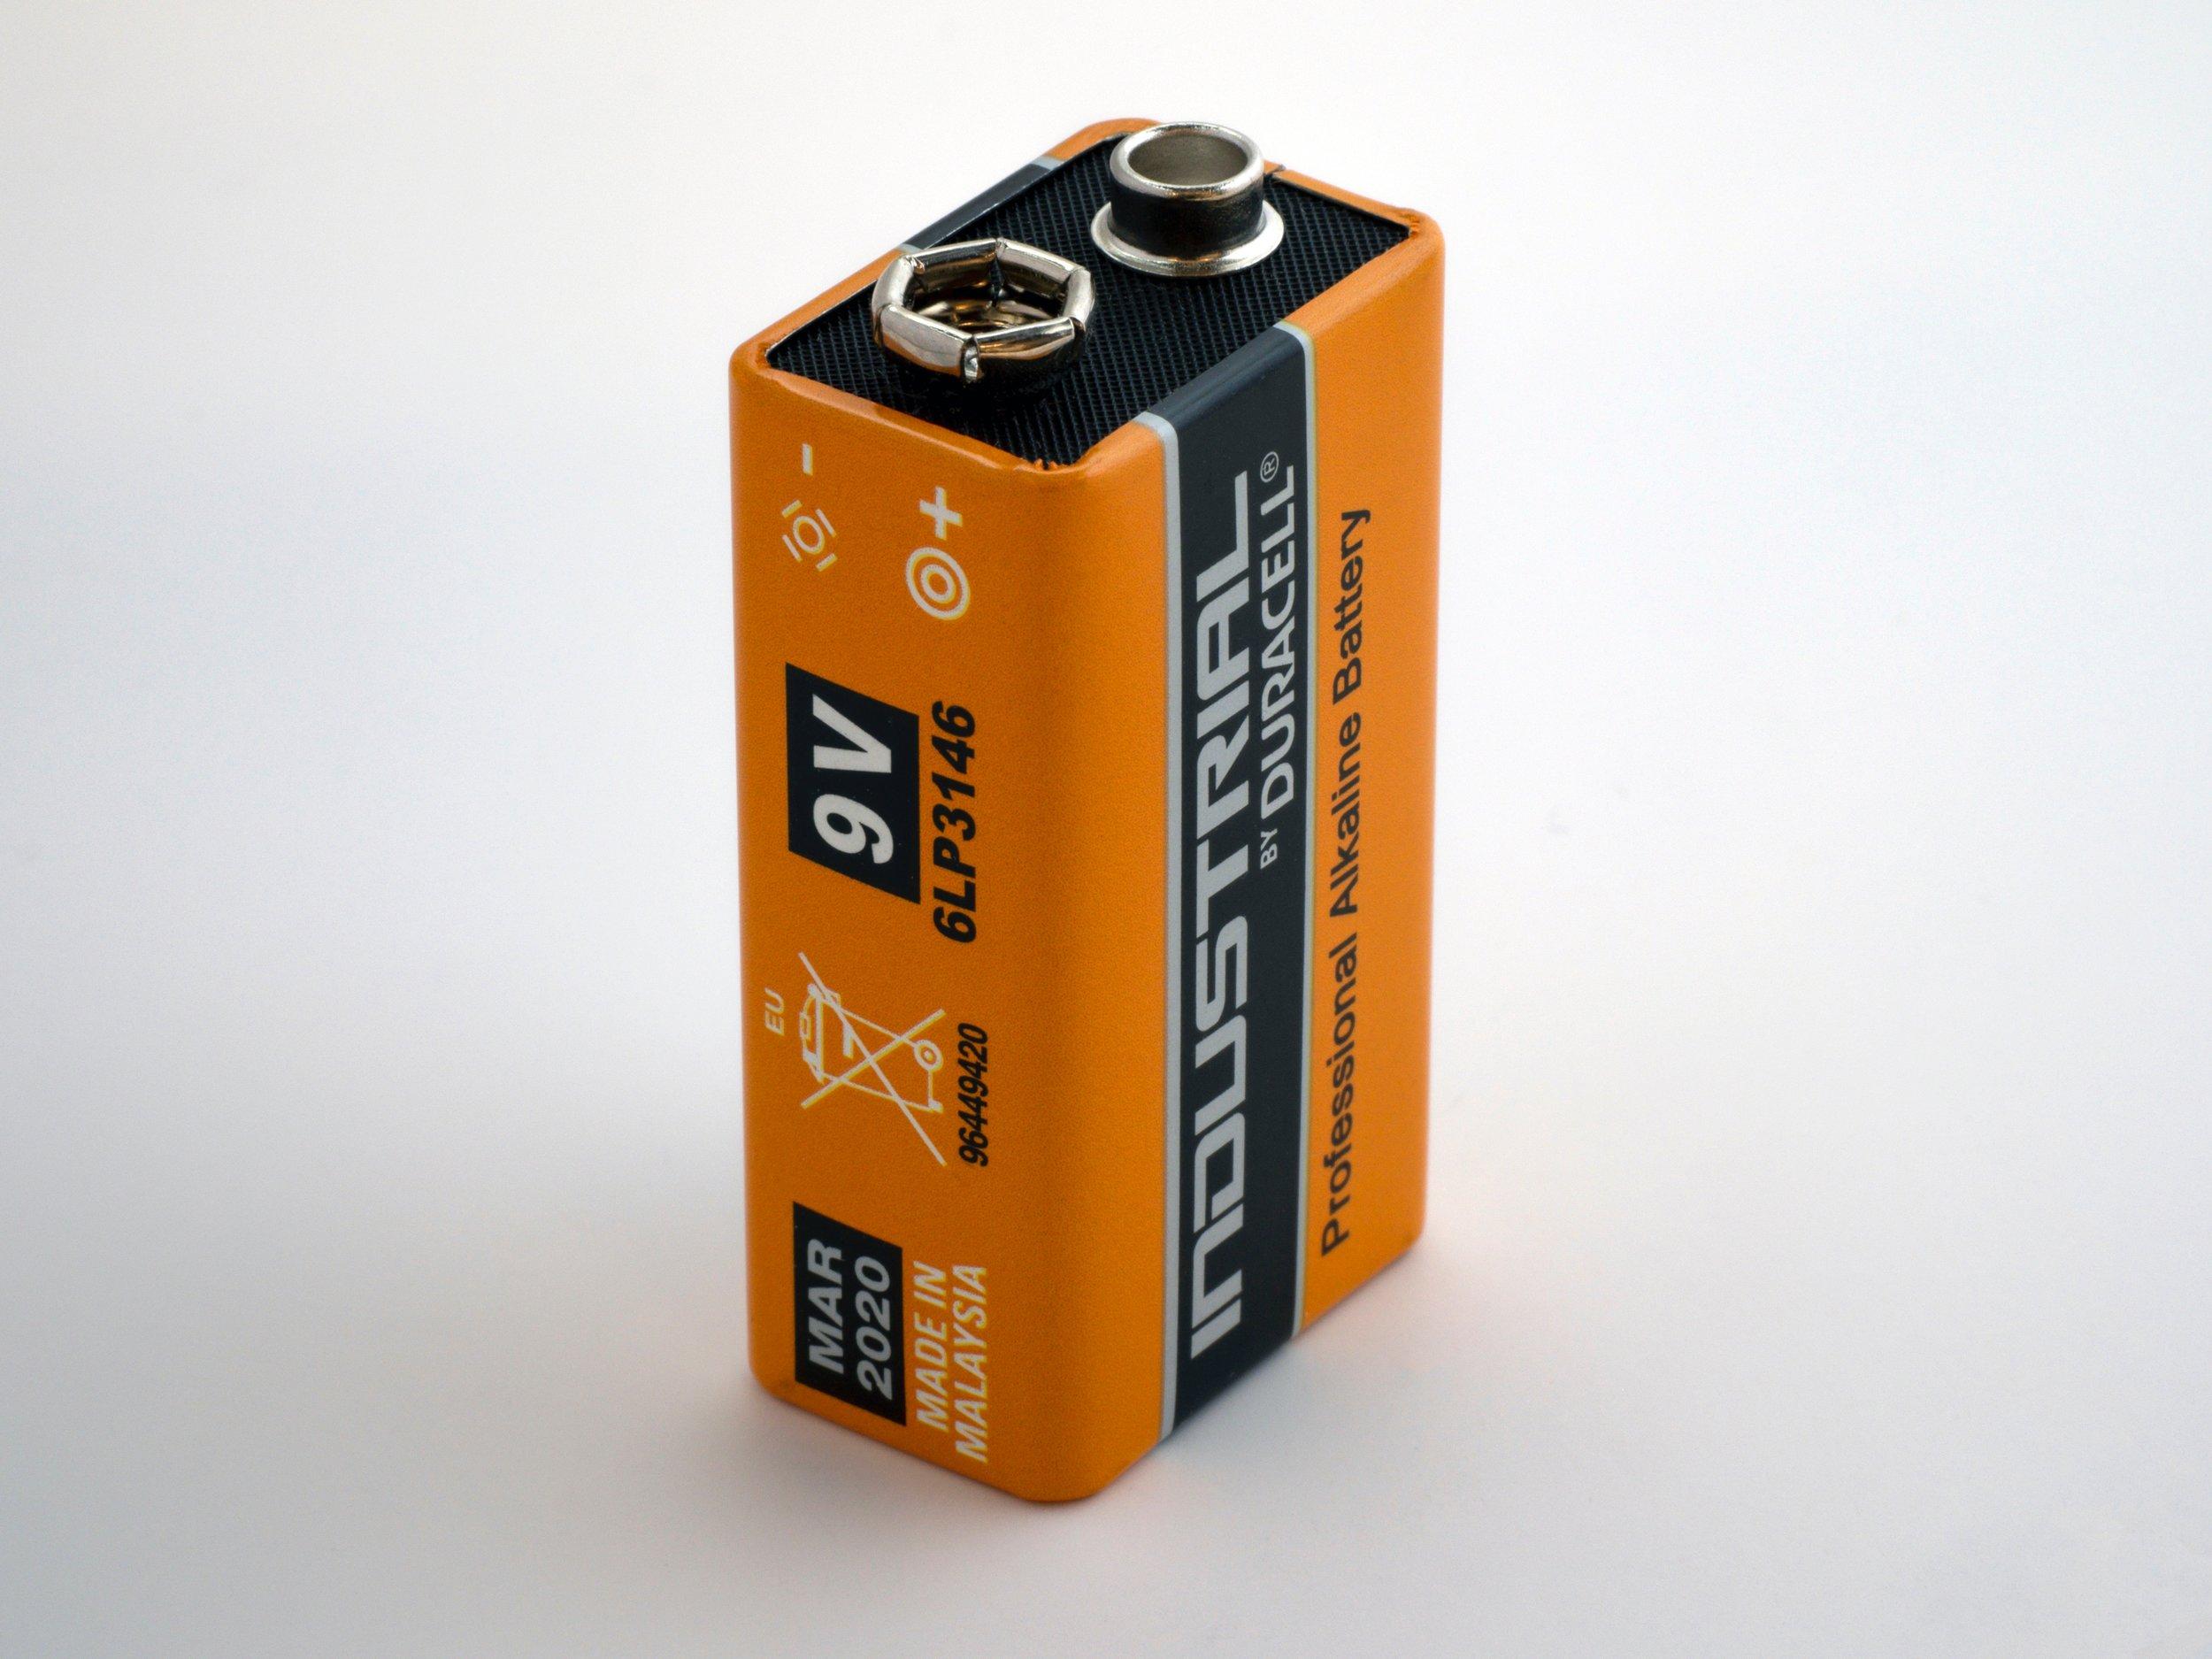 dispose-of-batteries